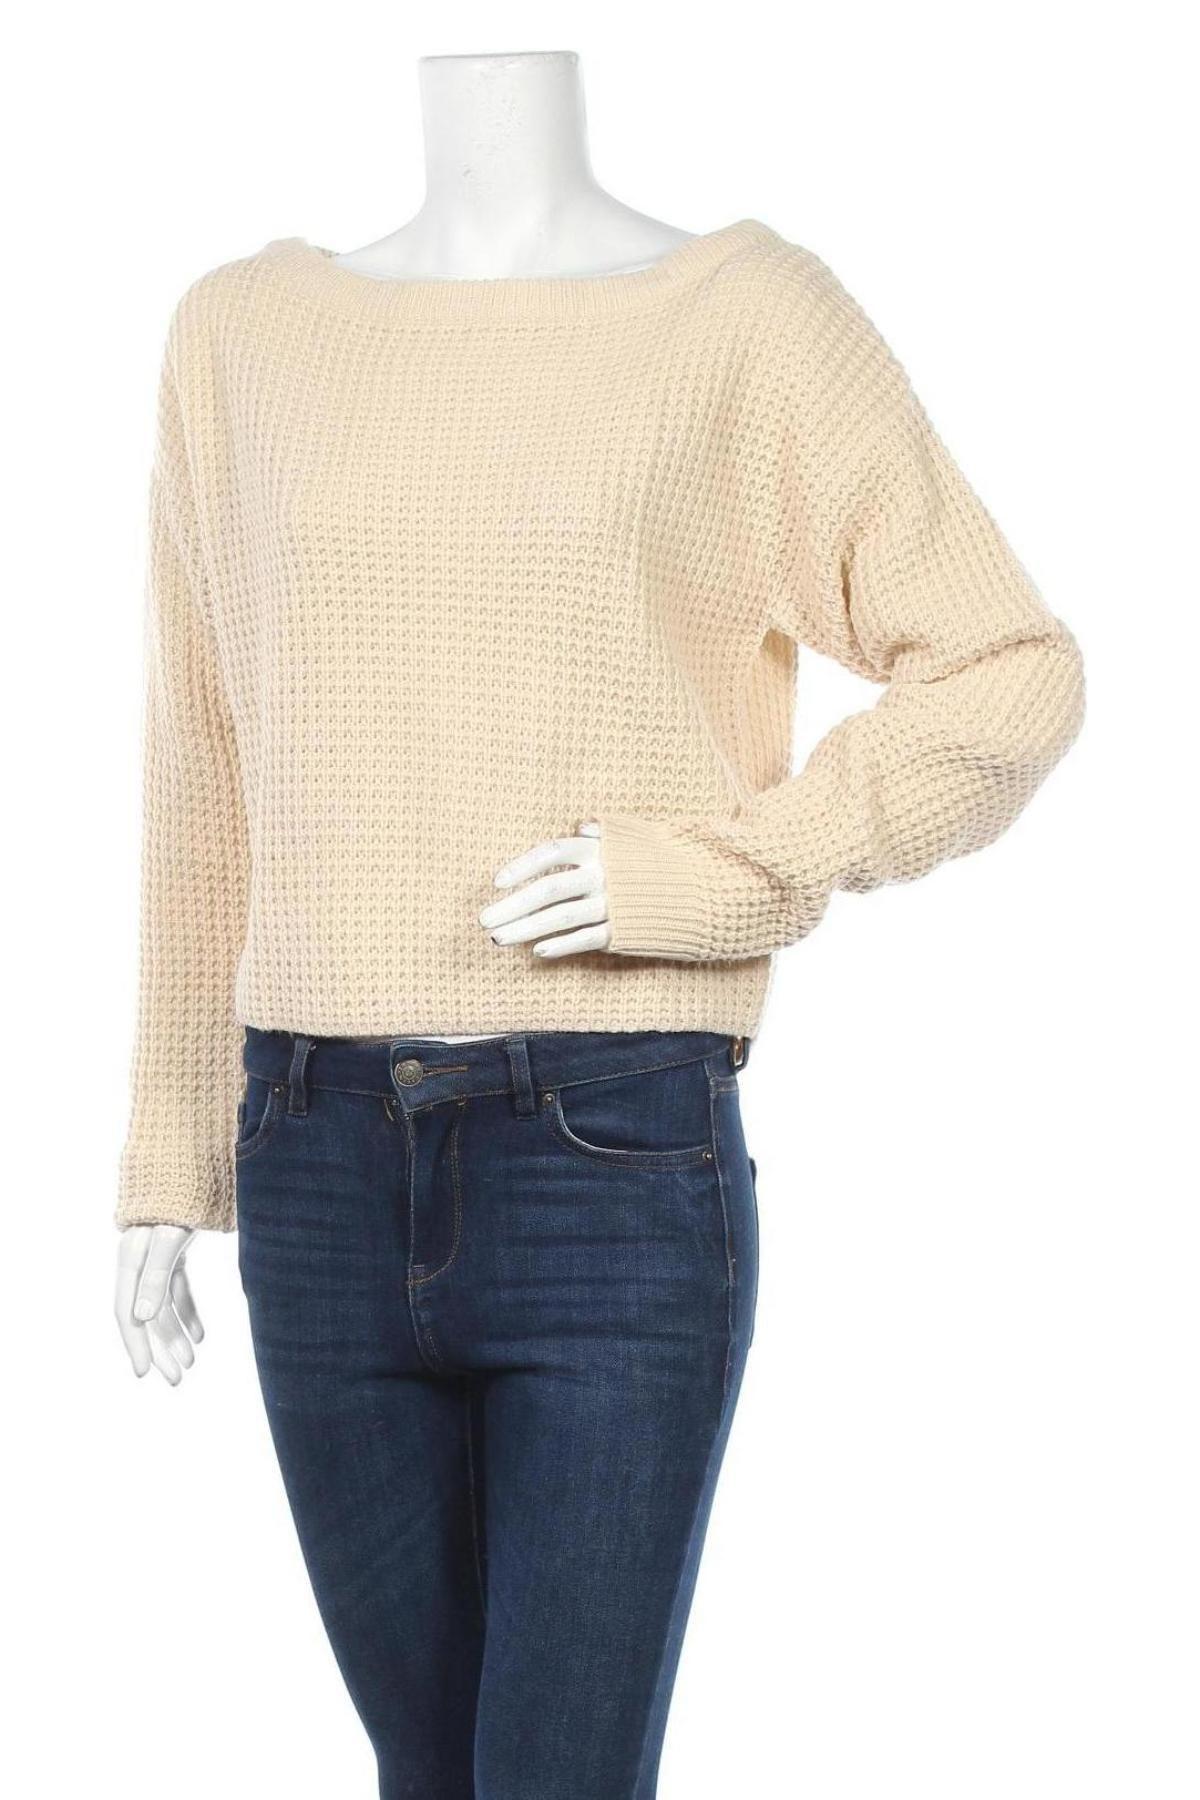 Дамски пуловер Missguided, Размер XS, Цвят Бежов, Акрил, Цена 12,00лв.